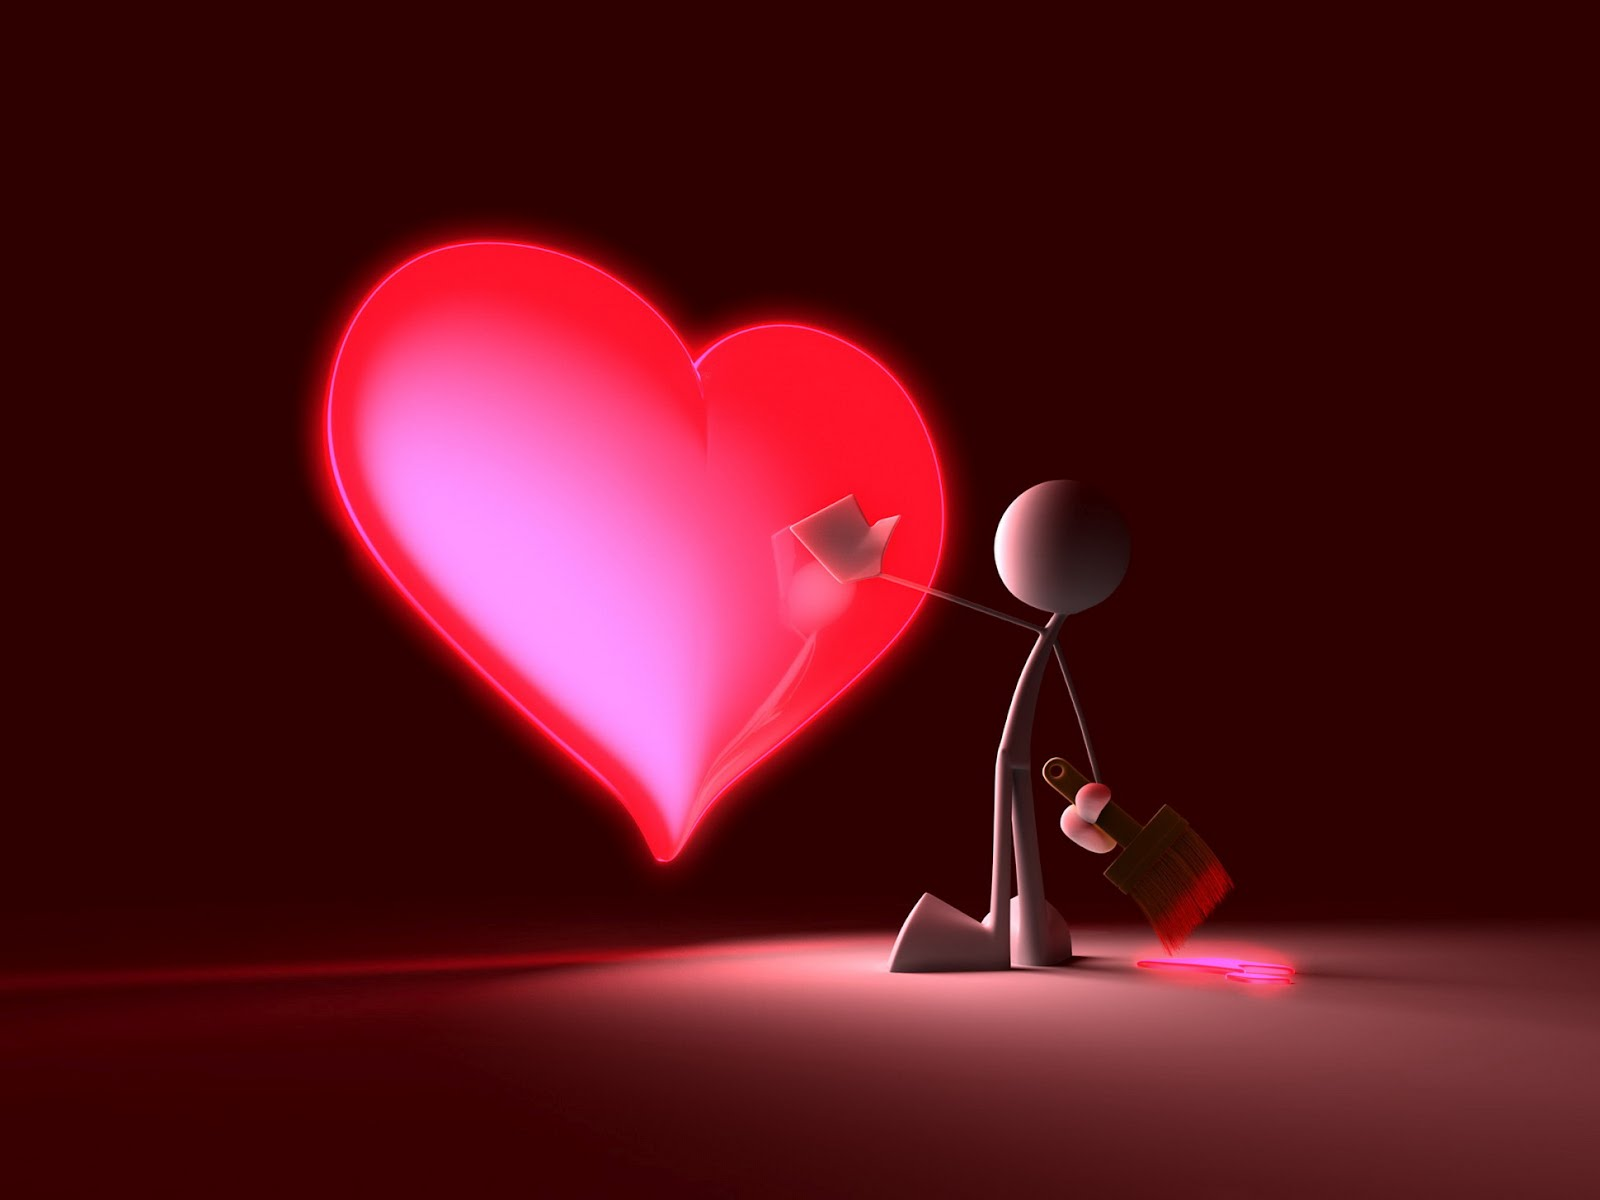 pintando-un-corazon-de-amor-14-de-febrero-dia-de-san-valentin-